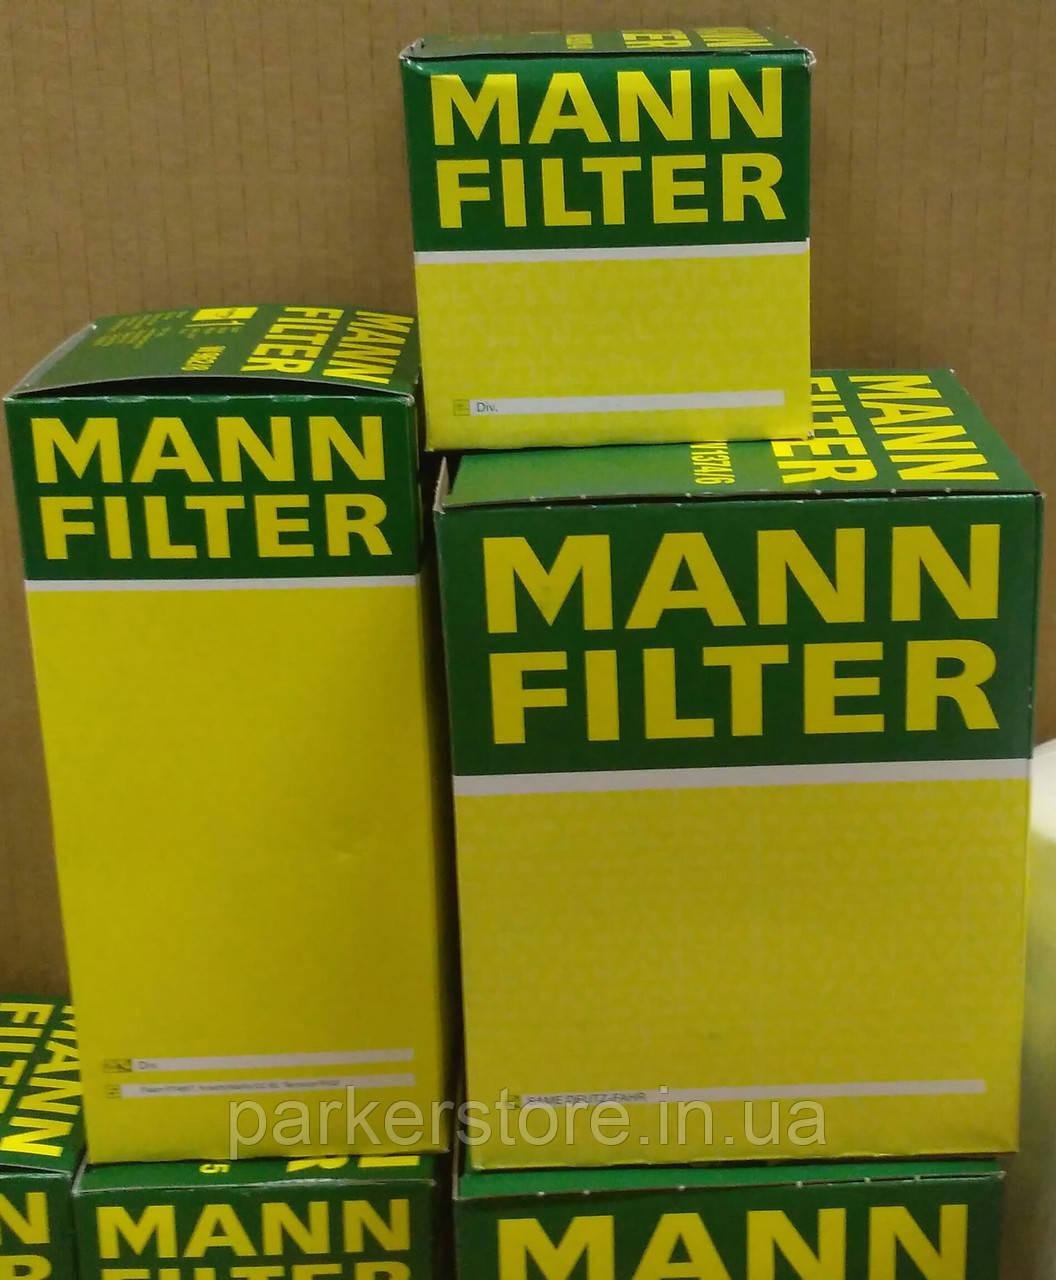 MANN FILTER / Воздушный фильтр / C 2428 / C2428